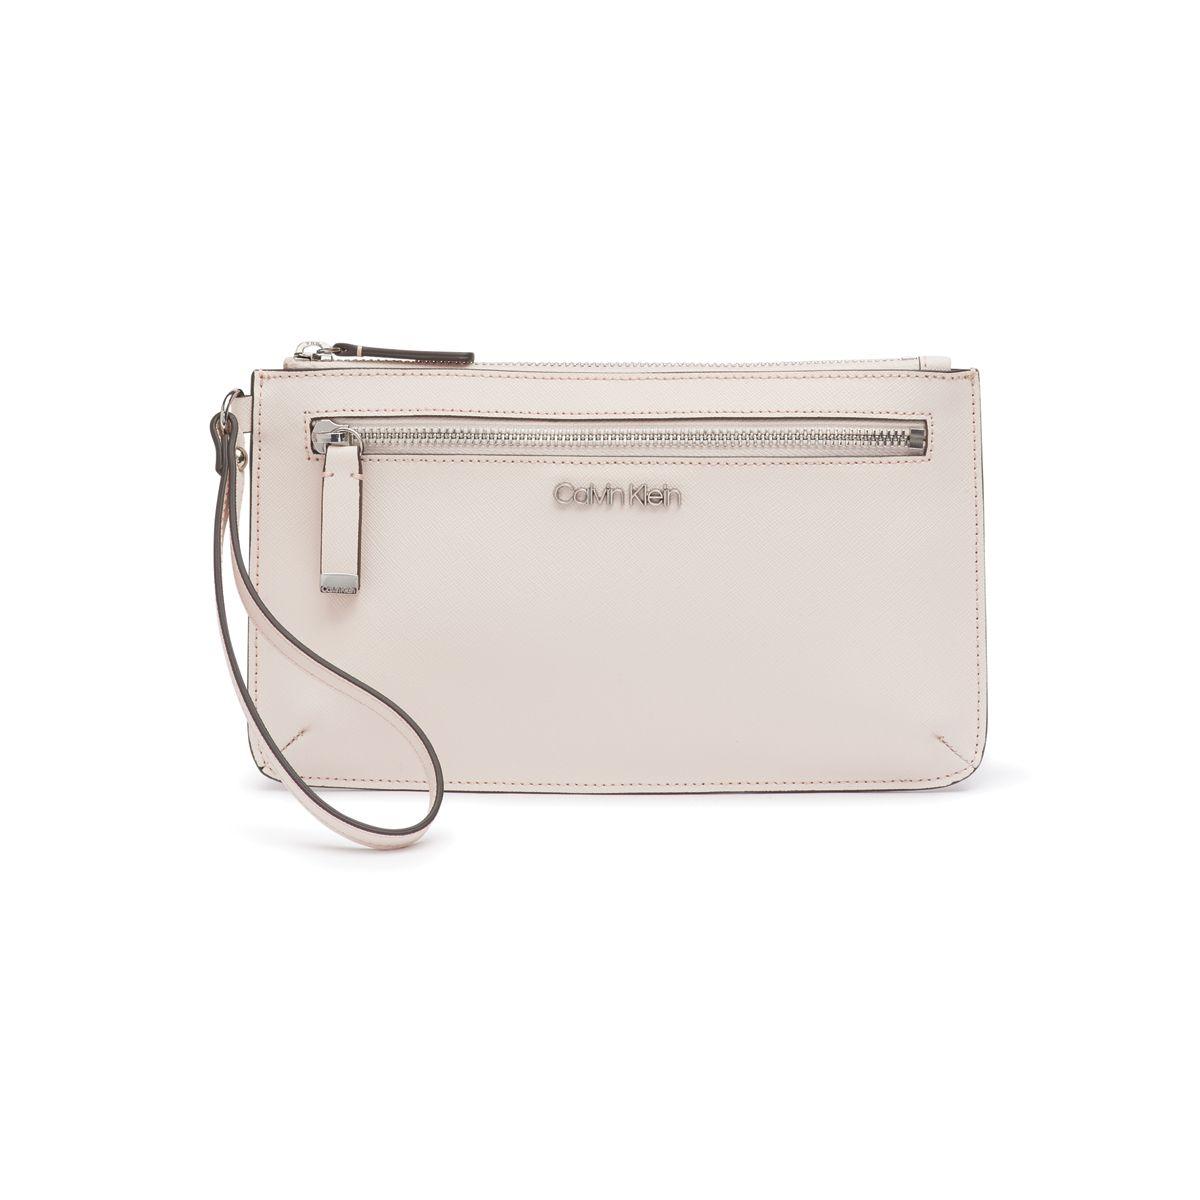 f87b6e723bc3 Calvin Klein Handbags   Bags - Macy s